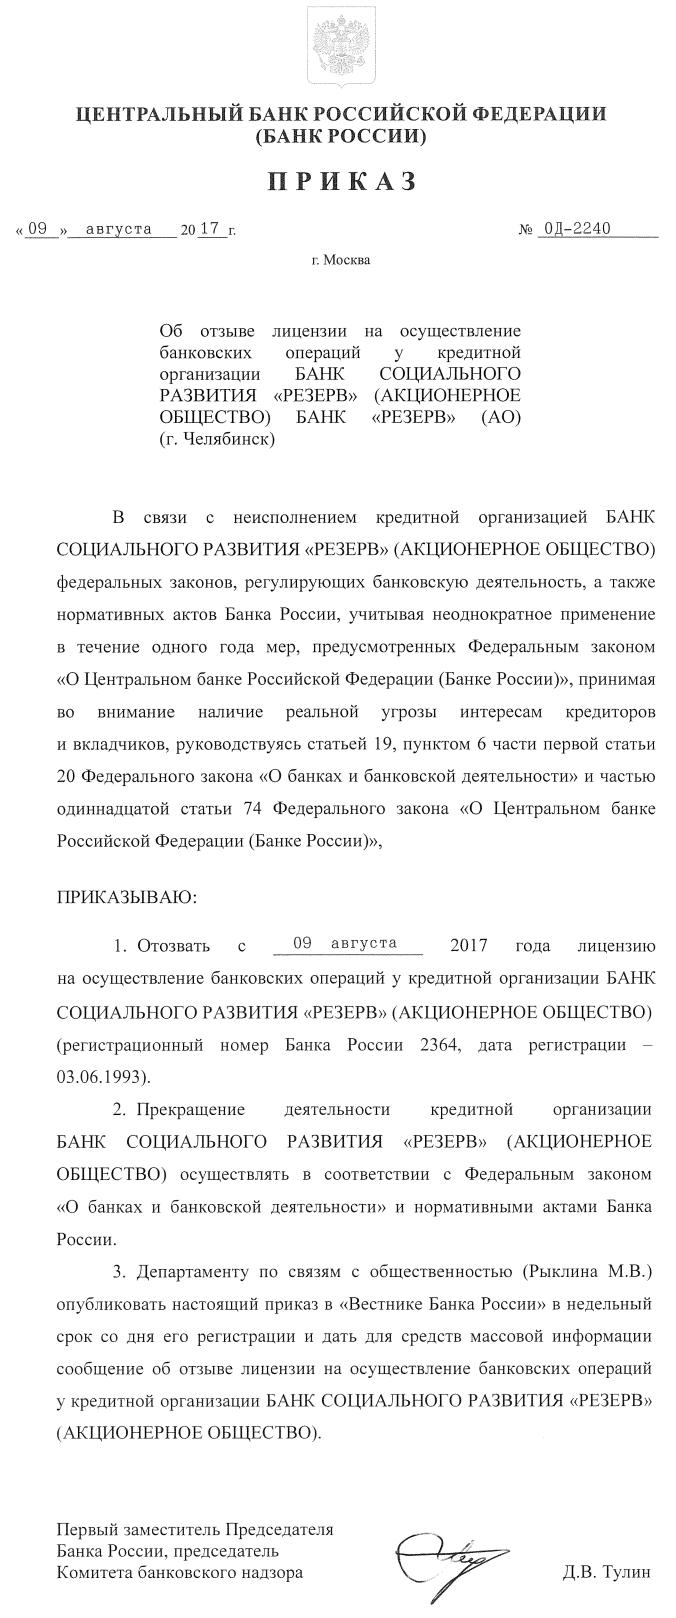 Банк Резерв Отозвали Лицензию